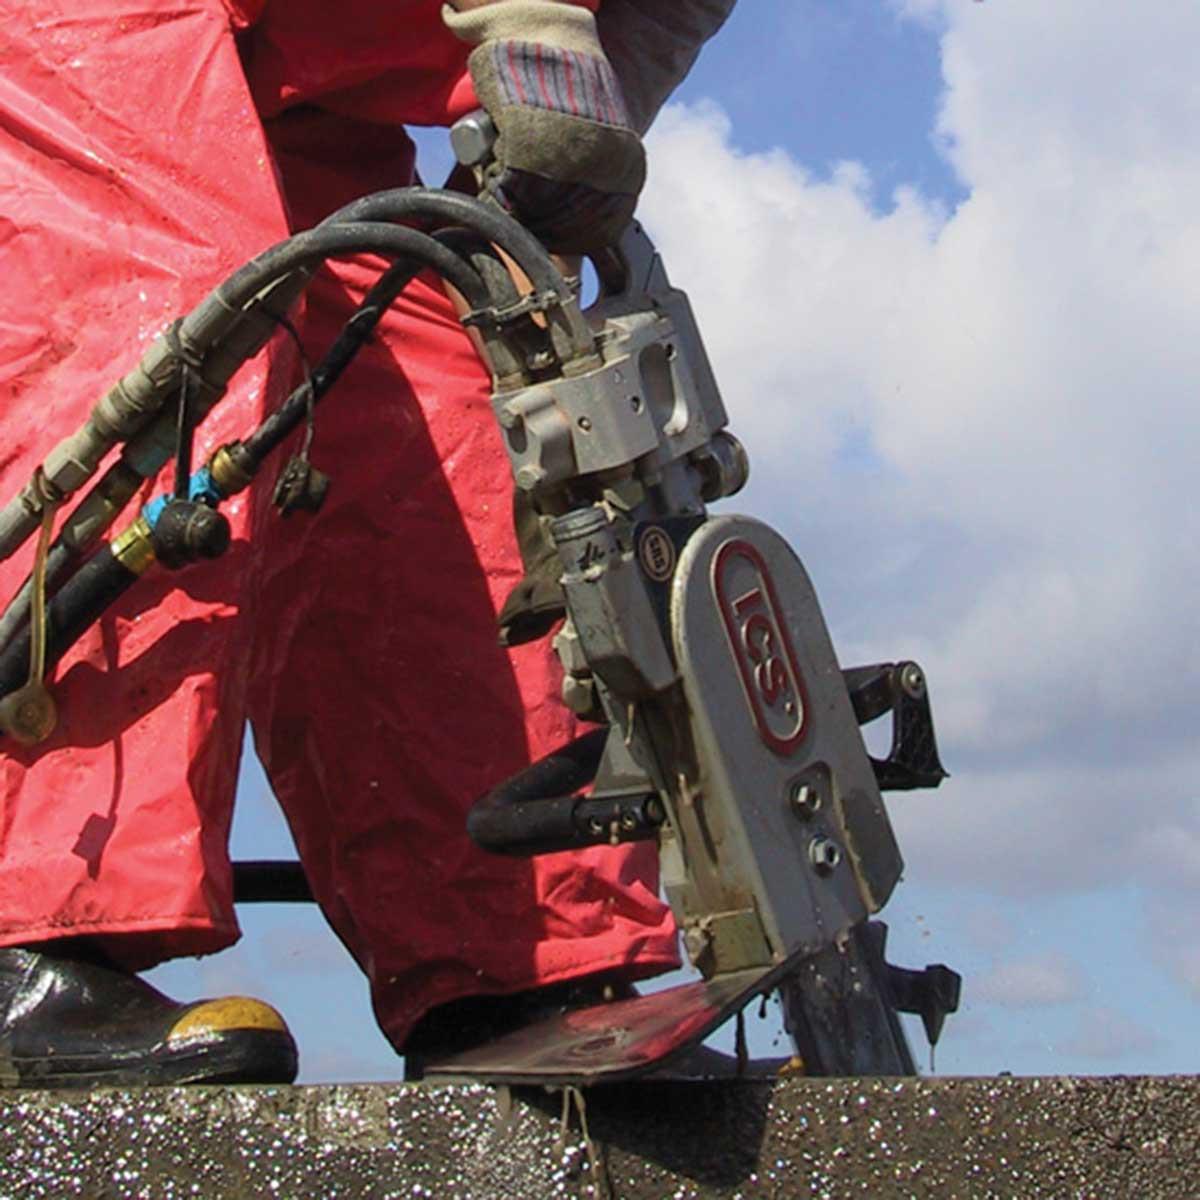 ICS Hydraulic Chain saw plunge cut